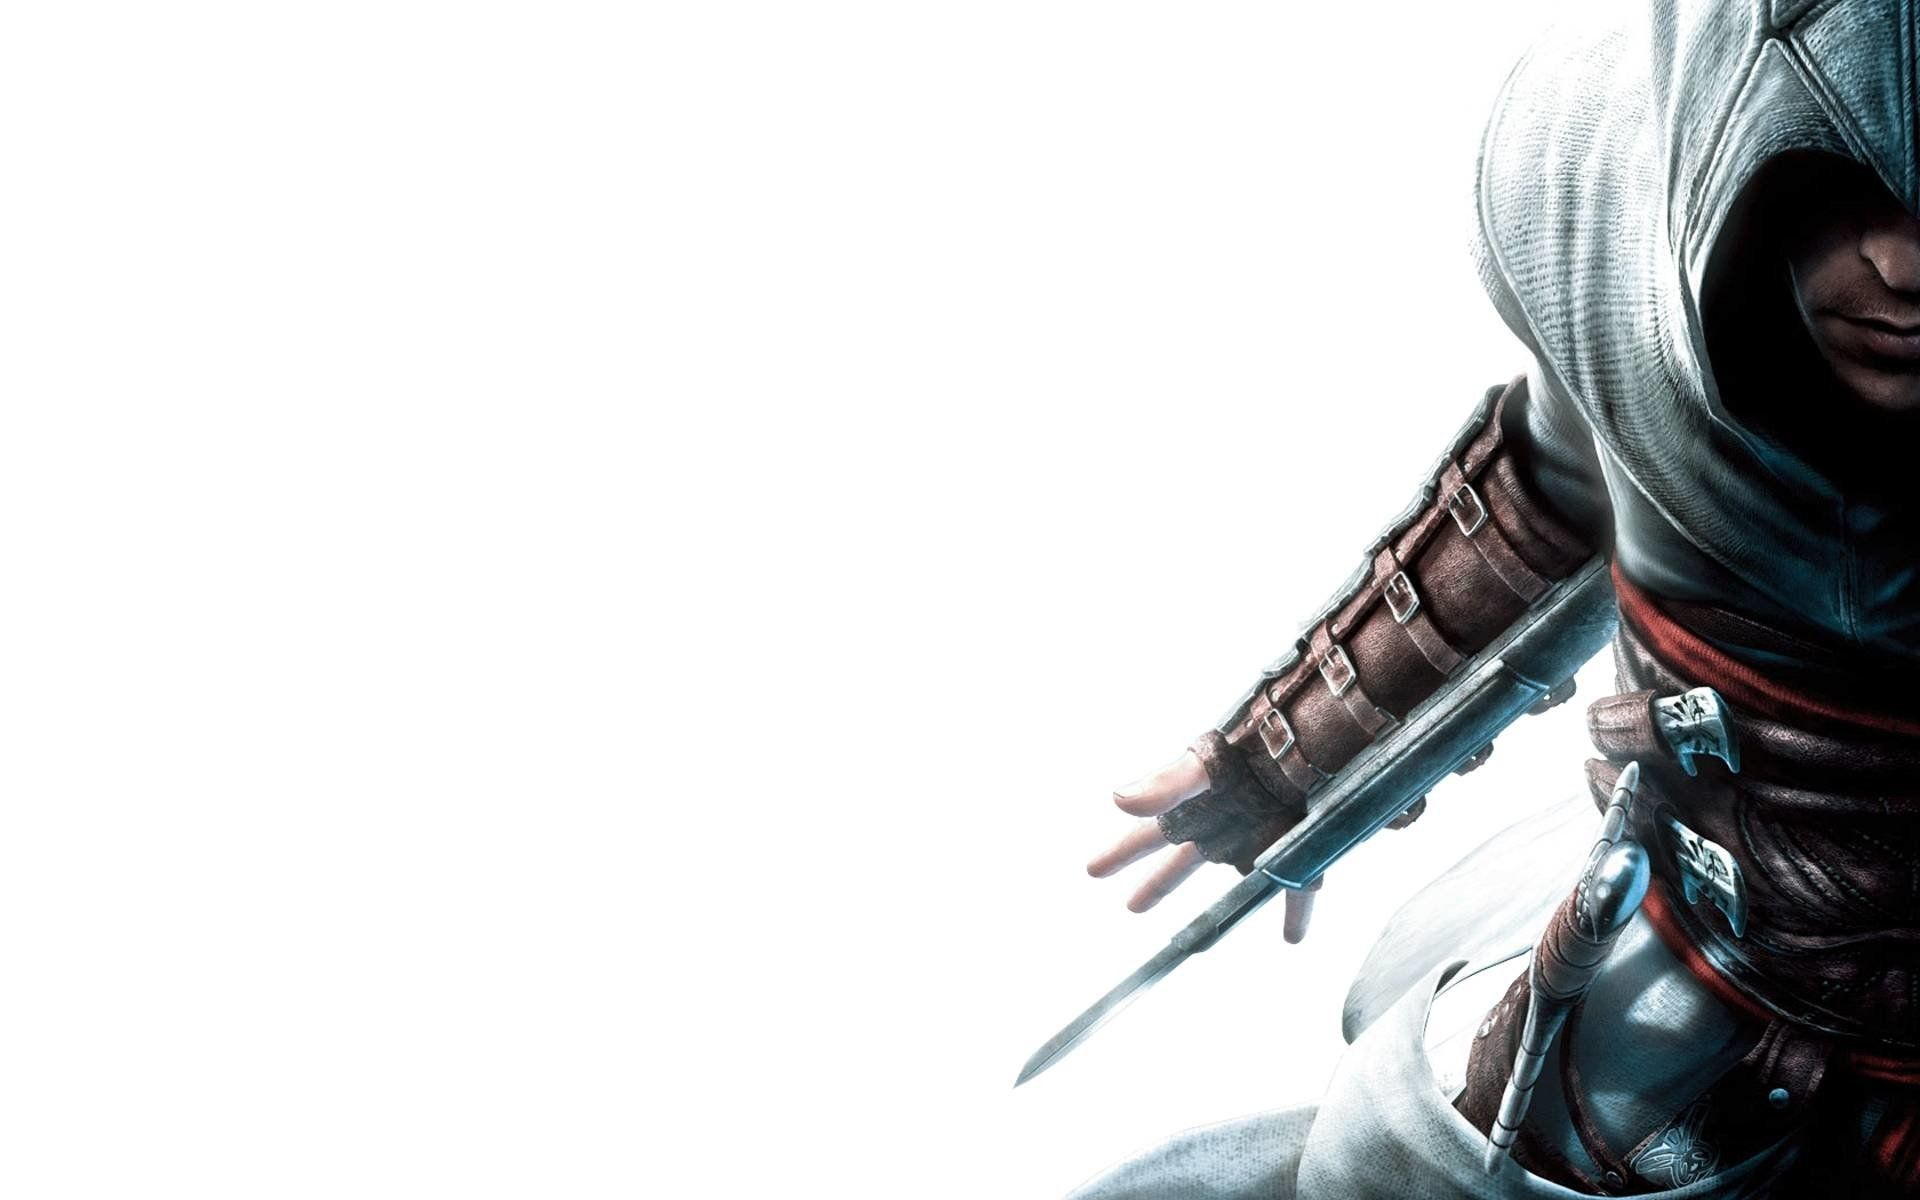 gaming desktop backgrounds wallpapers